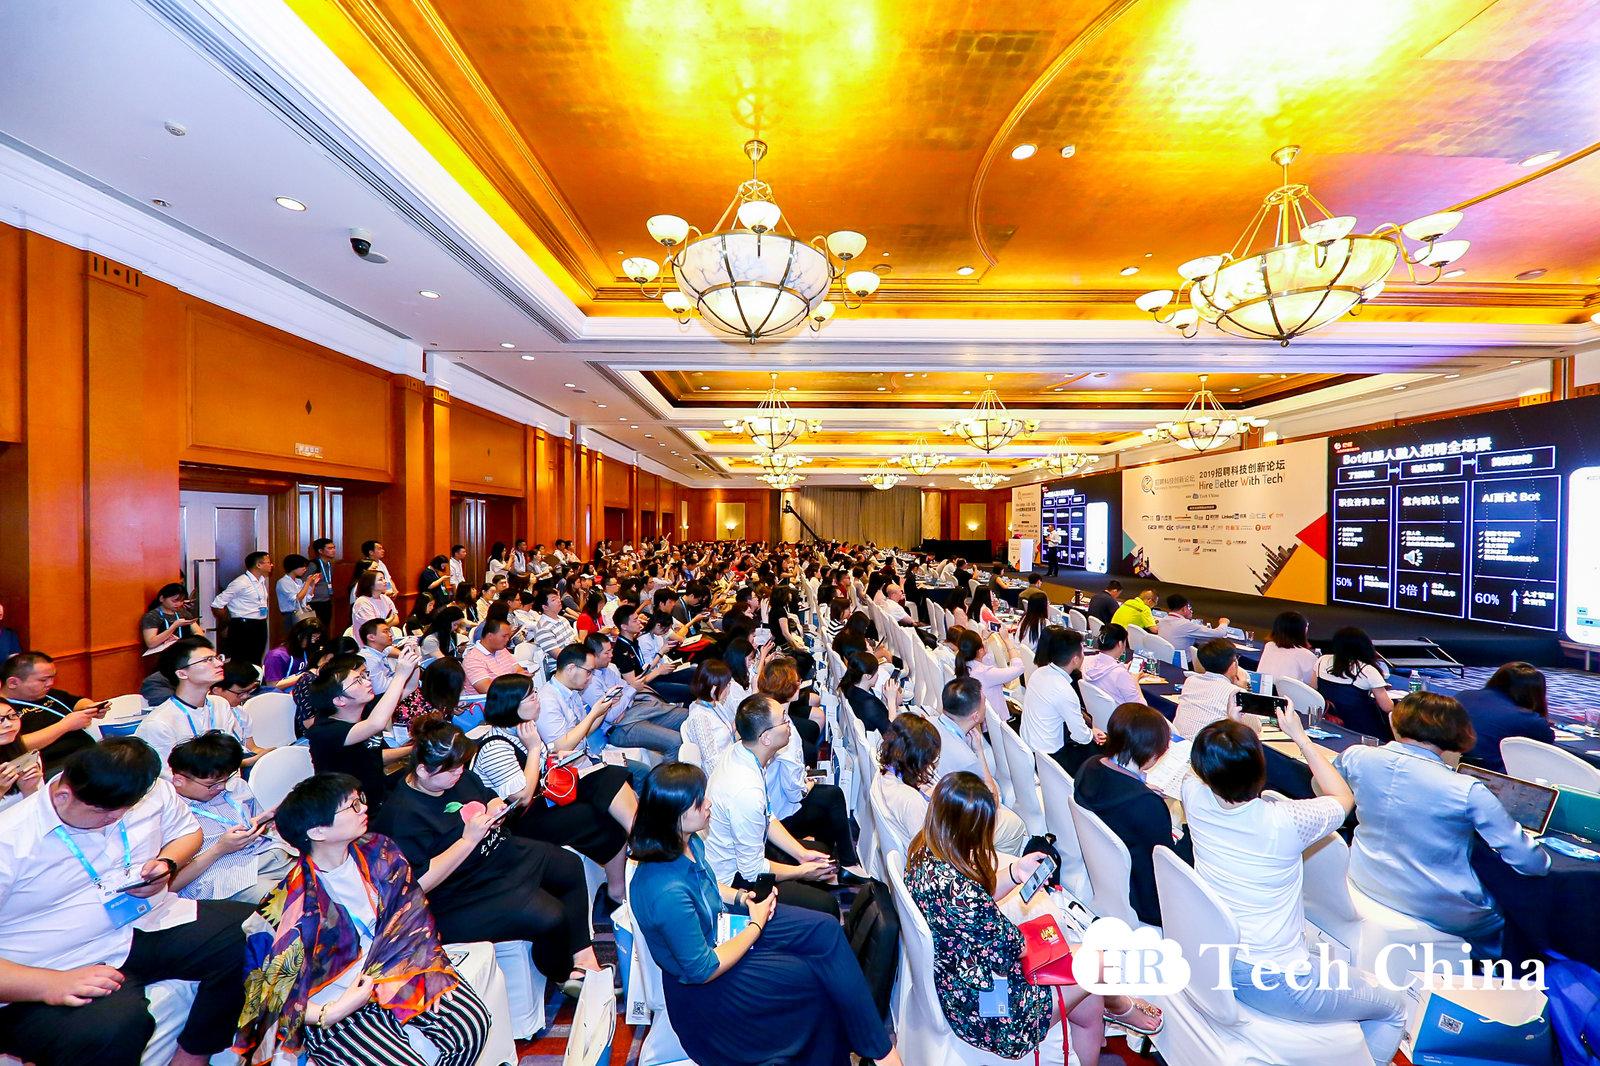 2019招聘科技创新论坛·上海站成功举办!超1200名HR齐聚一堂,畅谈招聘科技未来!